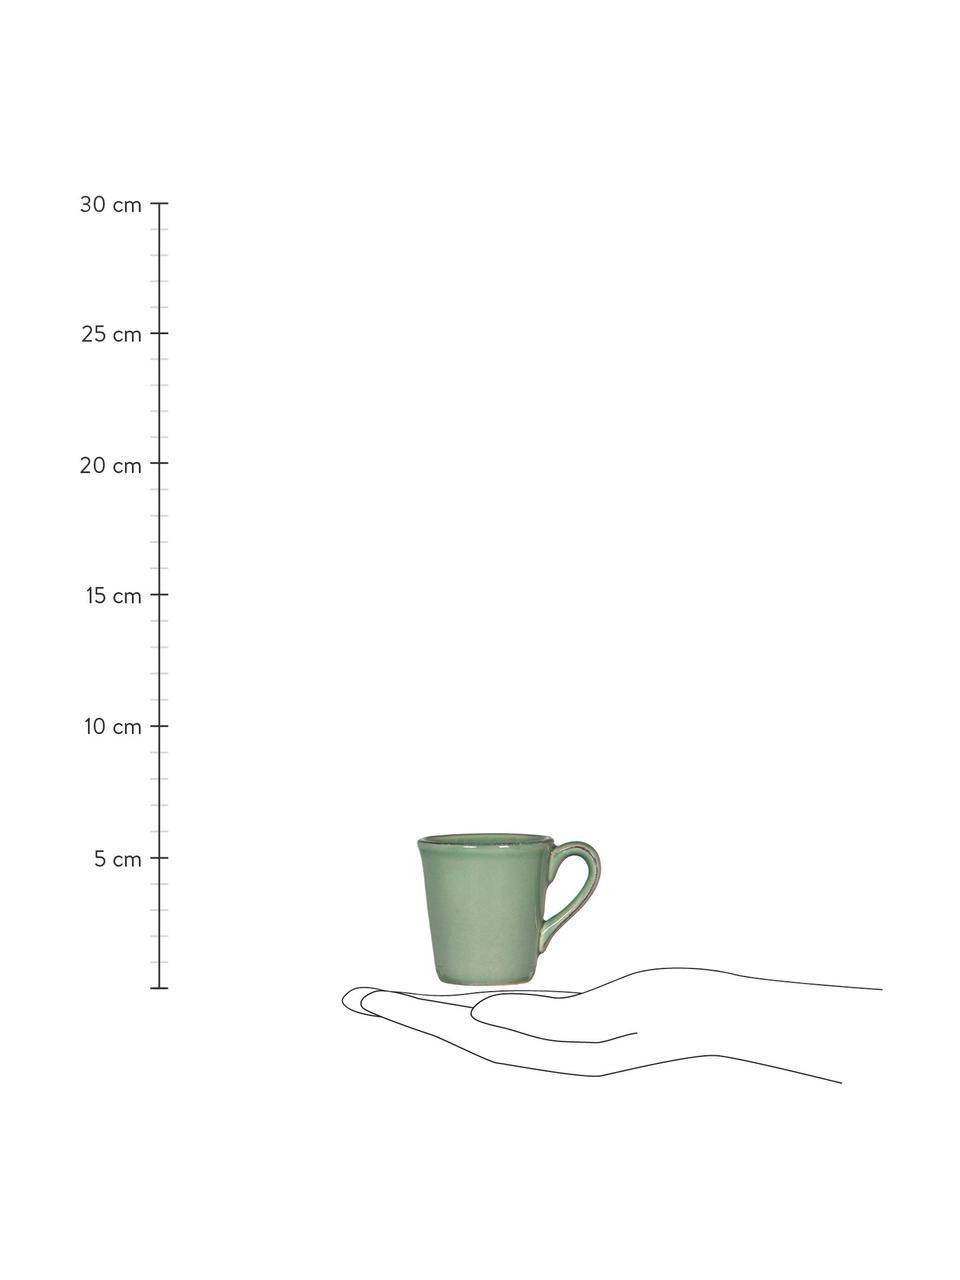 Espressotassen Constance im Landhaus Style, 2 Stück, Steingut, Salbeigrün, Ø 8 x H 6 cm